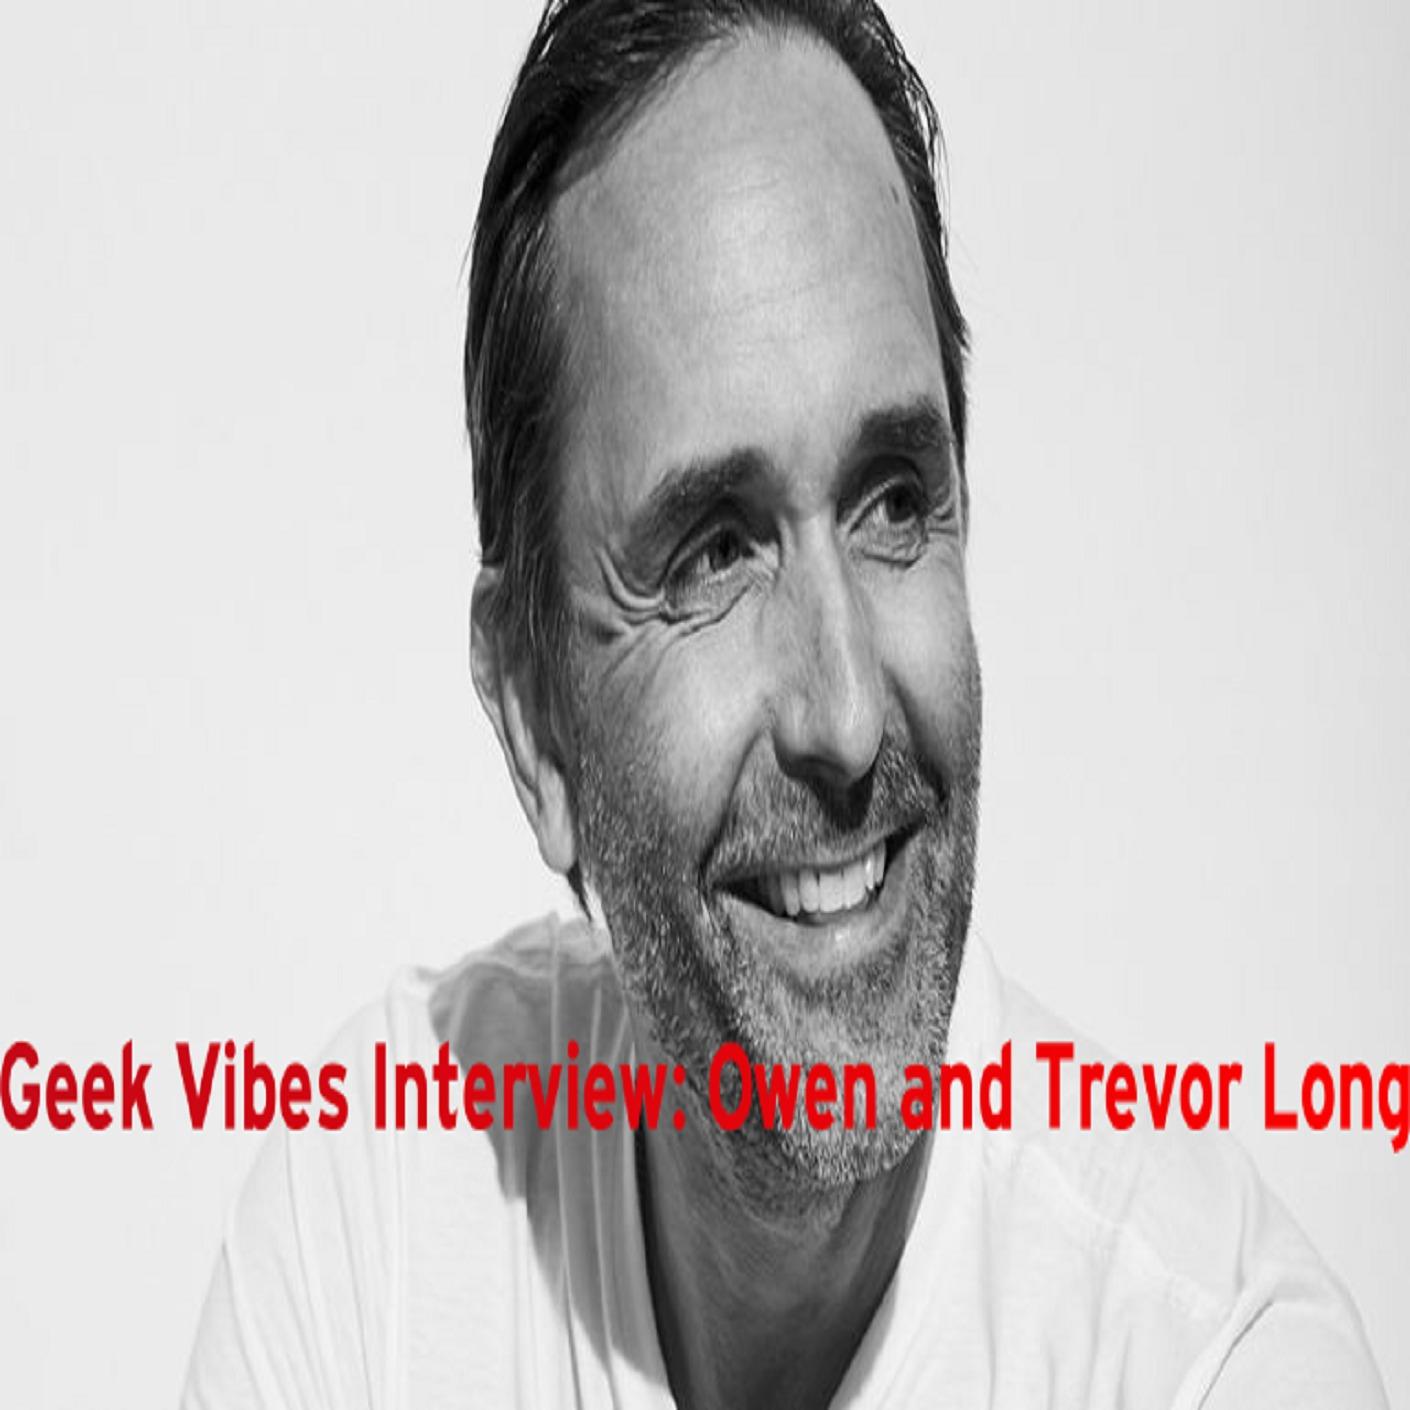 Geek Vibes Interview: Owen and Trevor Long